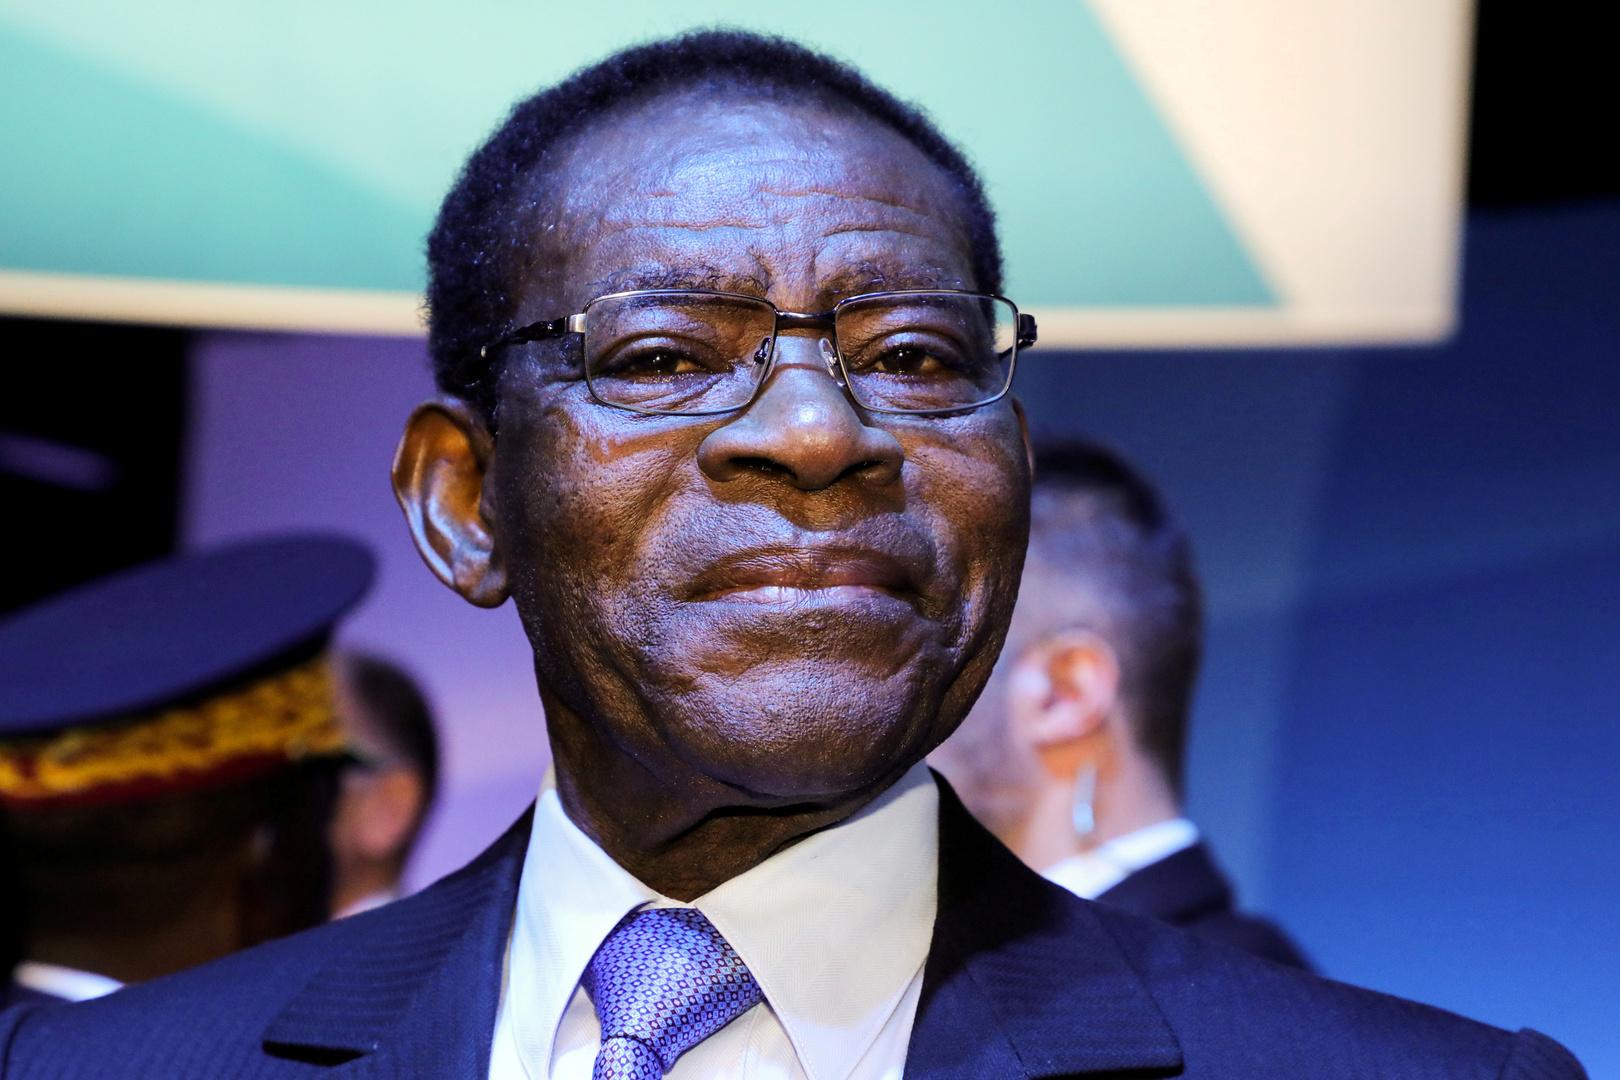 بعد صدمة اقتصادية مزدوجة.. حكومة غينيا الاستوائية تقدم استقالتها